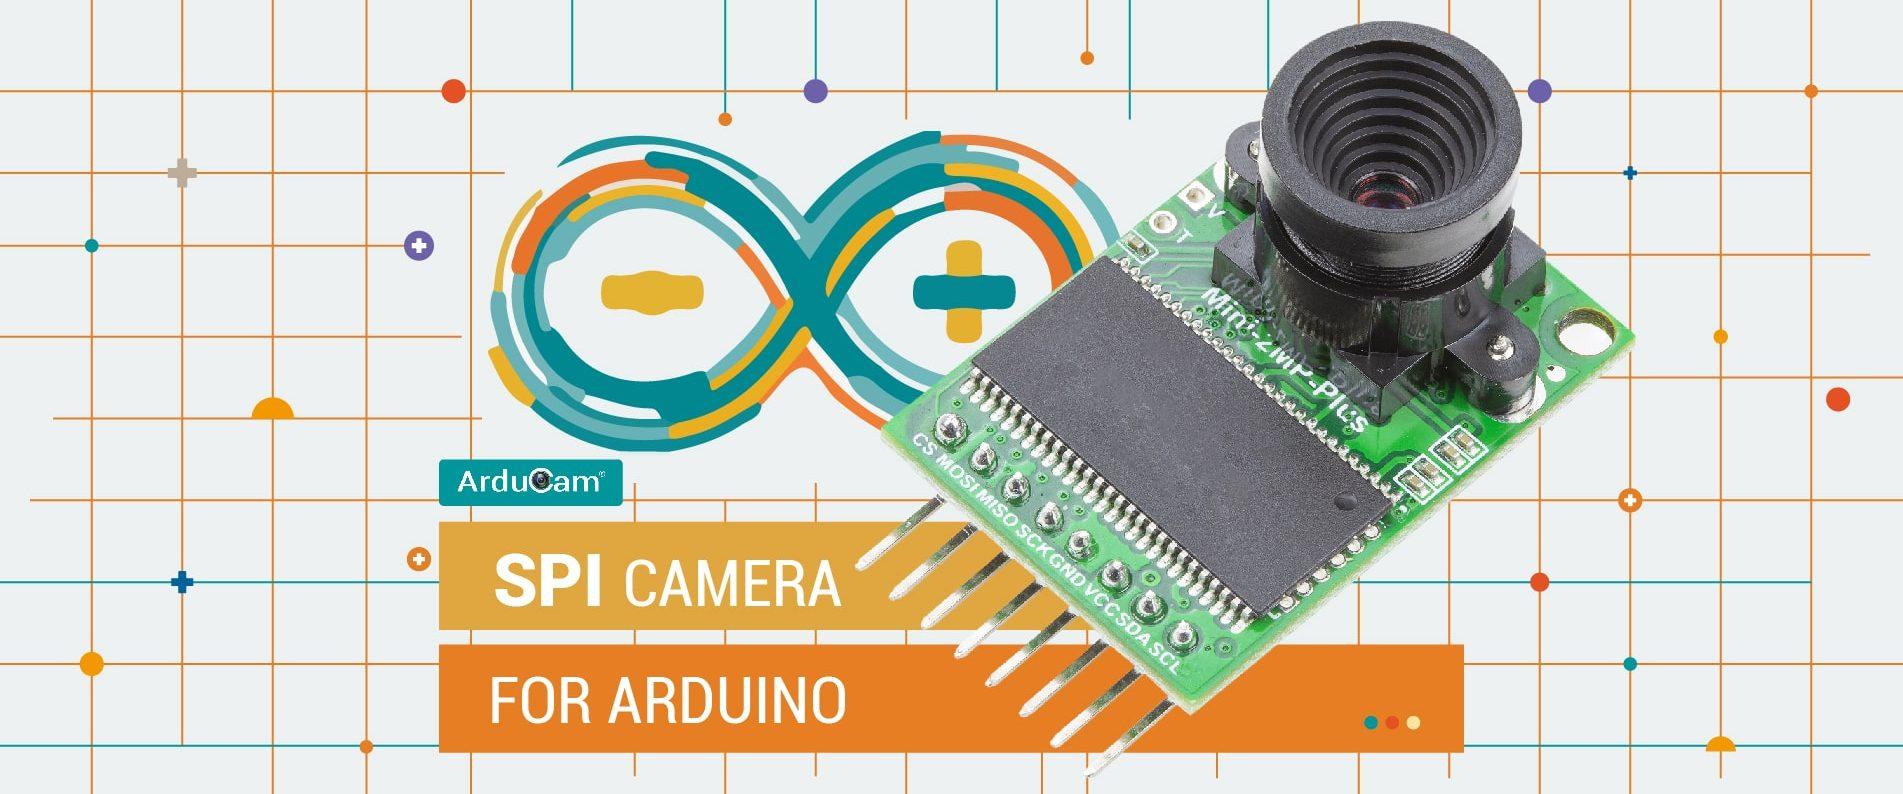 arducam-arduino-camera-spi-banner-slider-home-e.jpg